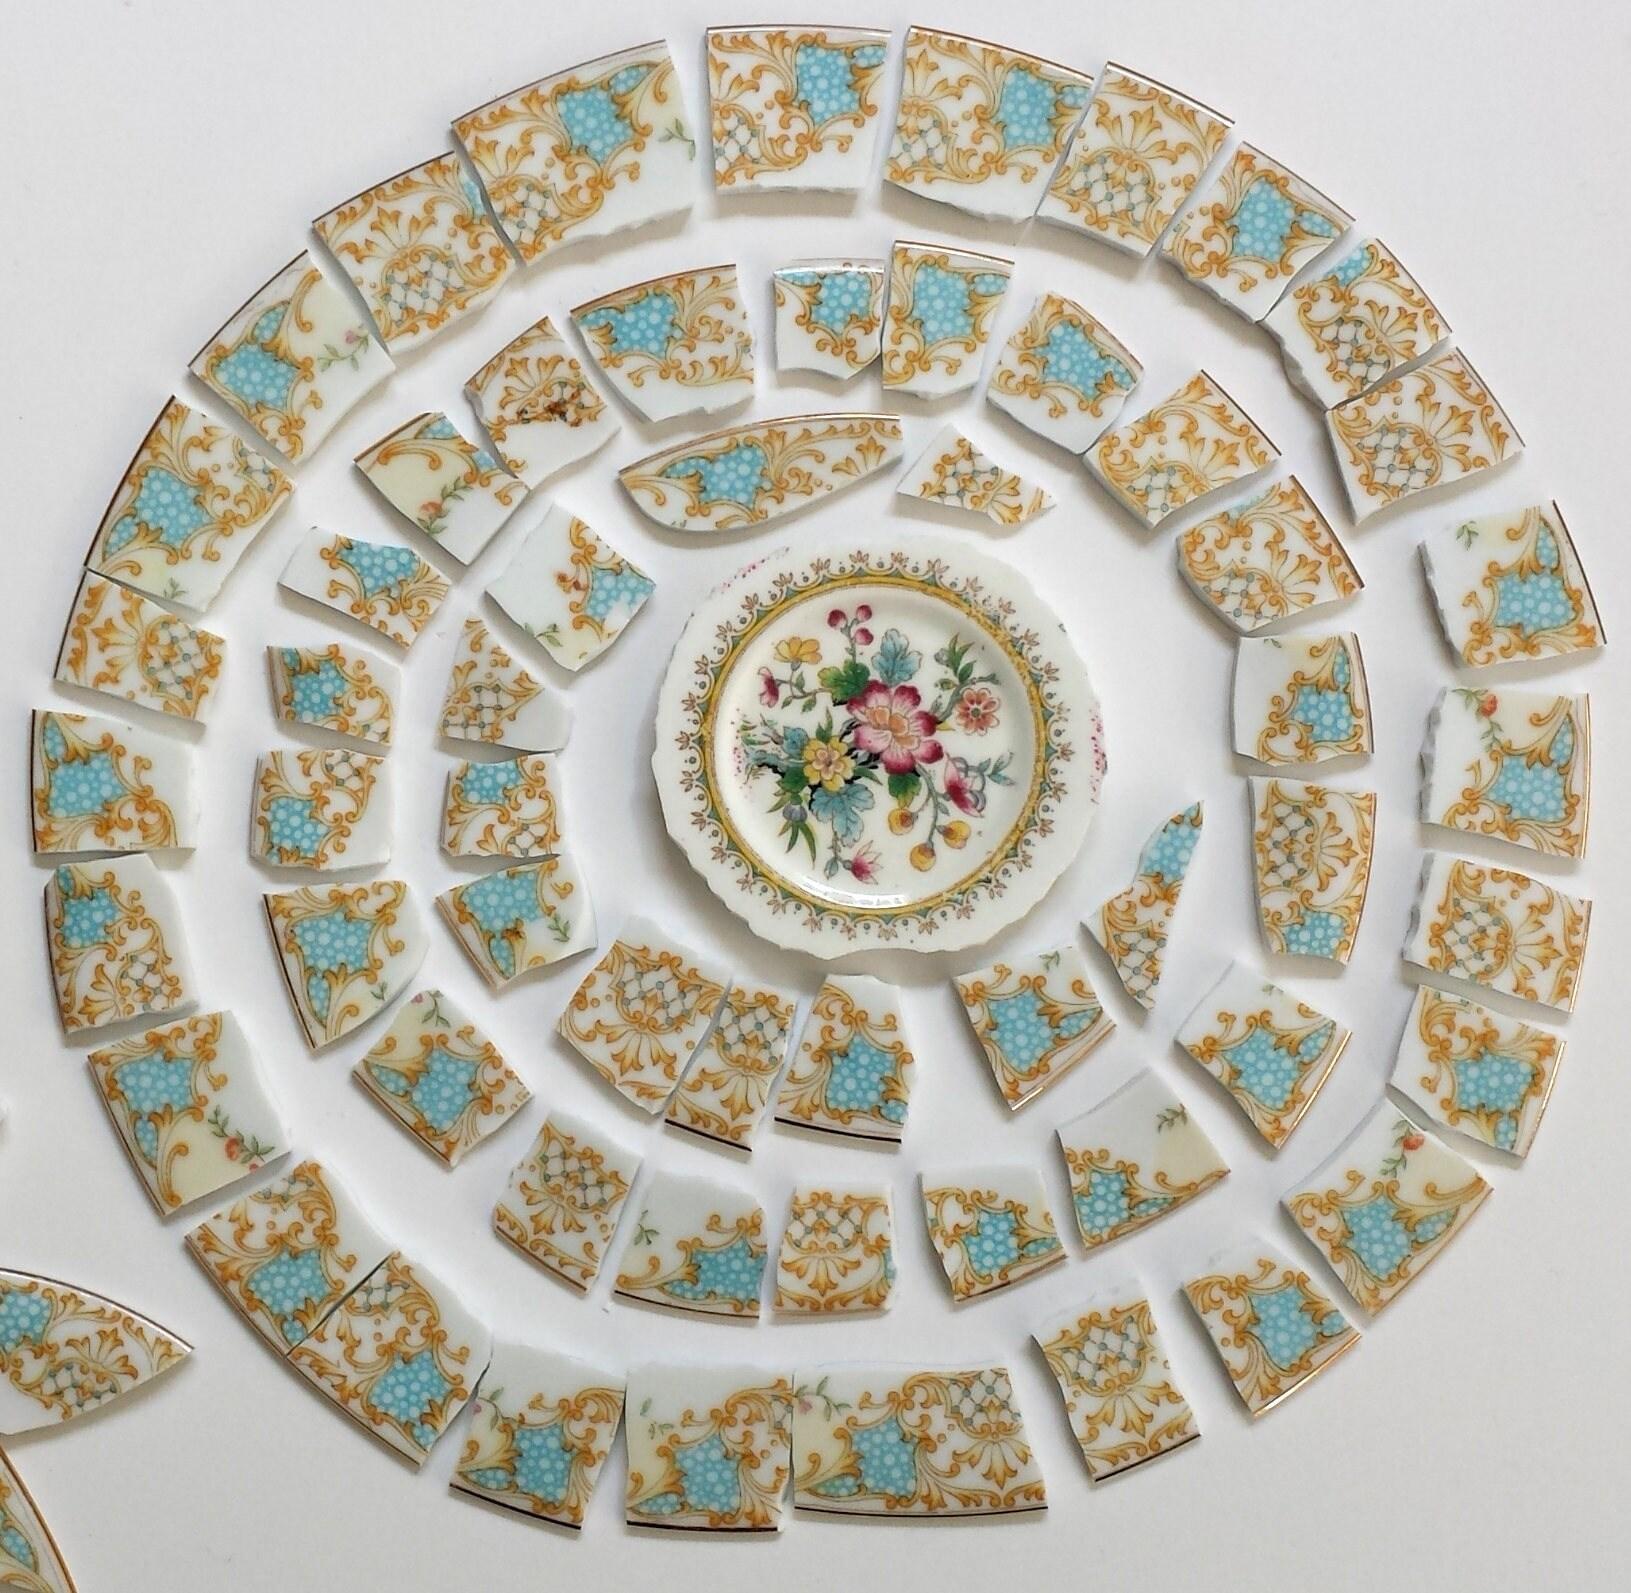 Mosaic Tiles Blue Border Tiles Vintage Plate